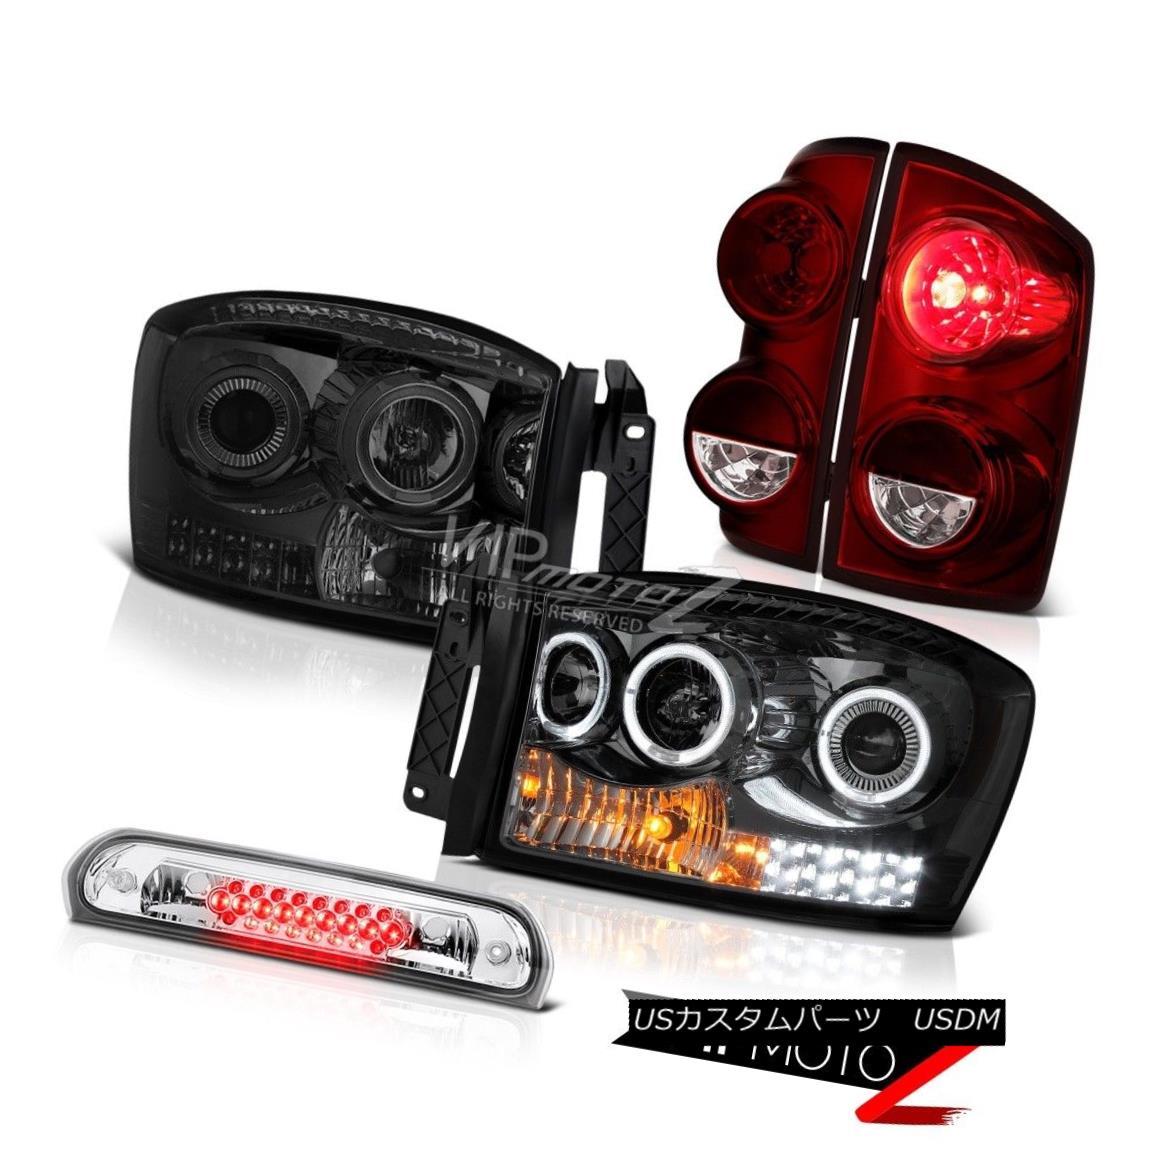 テールライト 2007-2008 Dodge Ram 1500 5.7L Tail Lights Headlights Euro Chrome Roof Cab Light 2007-2008ダッジラム1500 5.7Lテールライトヘッドライトユーロクロームルーフキャブライト